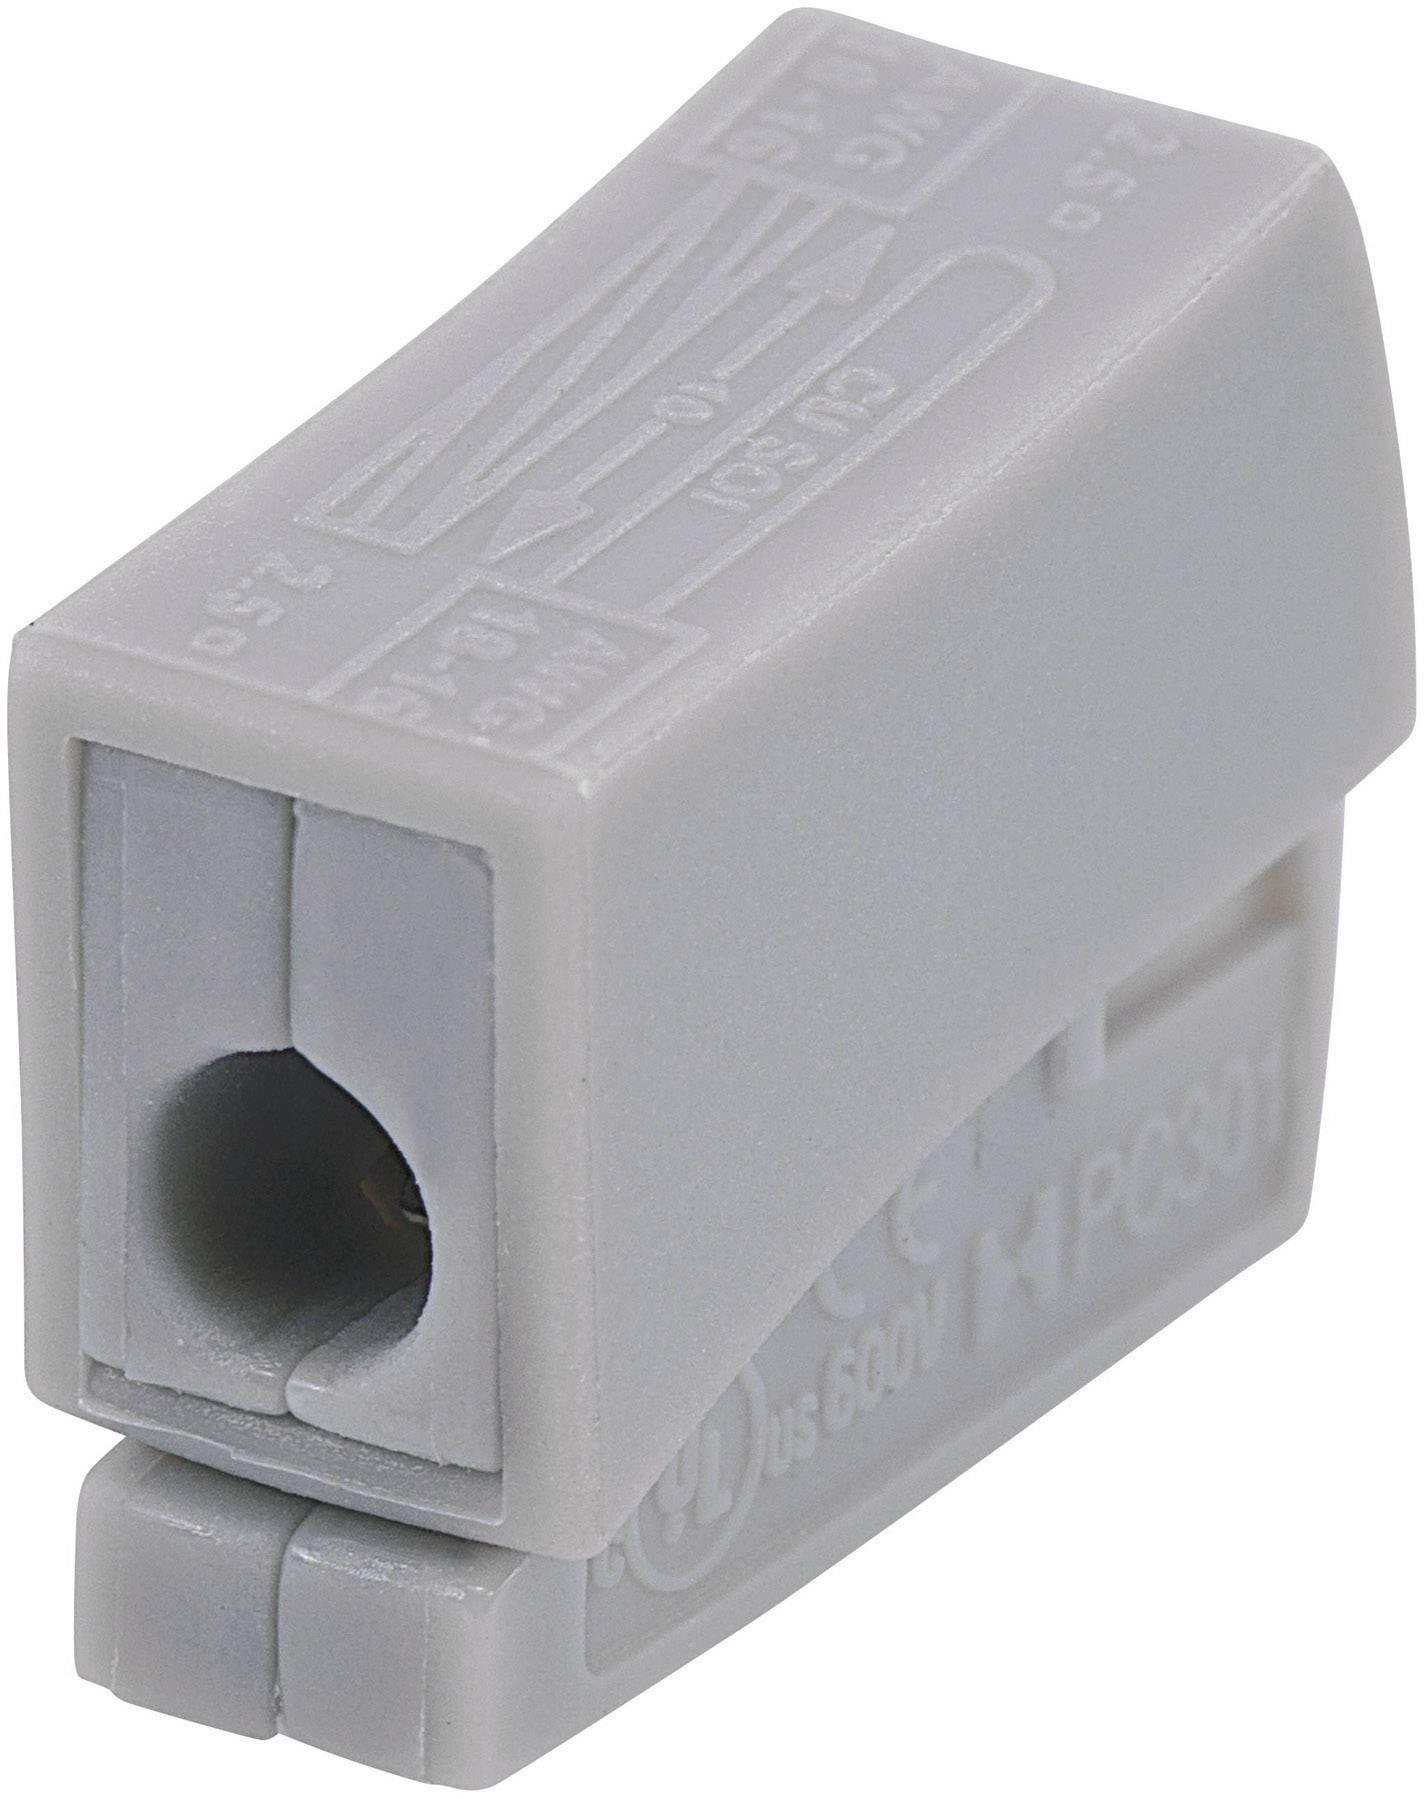 Svietidlová svorka na kábel s rozmerom 0.5-2.5 mm², pólů 2, 1 ks, sivá